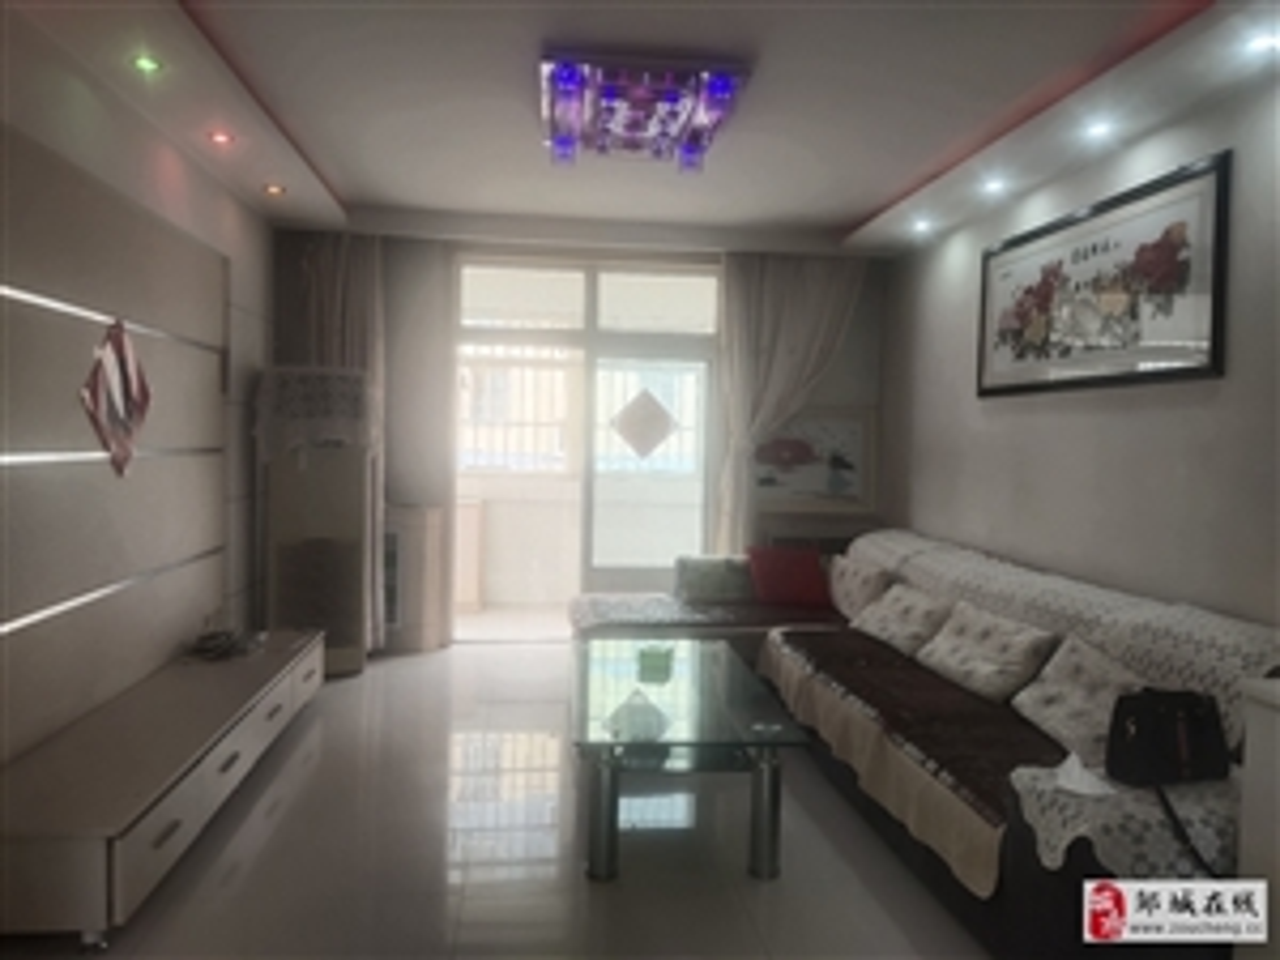 天泰北区2室 2厅 1卫62万元